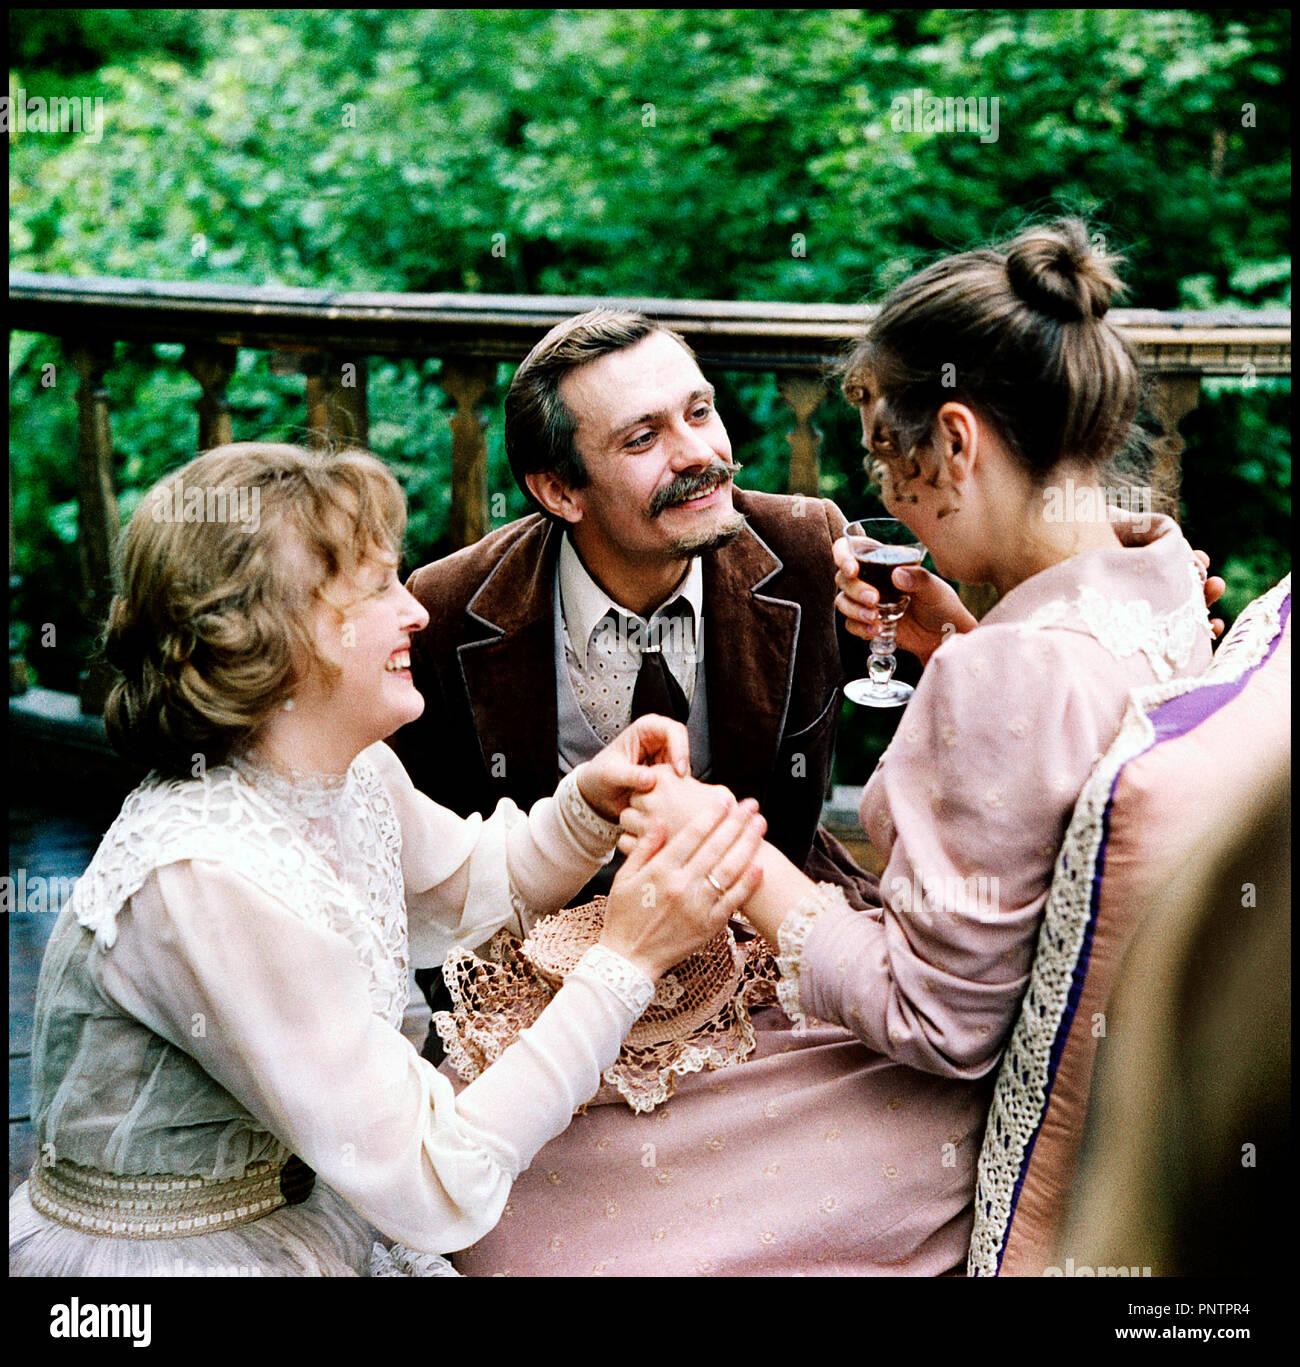 Prod DB © Mosfilm - Satra - Sovexportfilm / DR PARTITION INACHEVEE POUR PIANO MECANIQUE (NEOKONCHENNAYA PYESA DLYA MEKHANICHESKOGO PIANINO) de Nikita Mikhalkov 1977 RUS. avec Yelena Solovey et Nikita Mikhalkov seducteur, faire boire, drague, fete, rire d'apres la piece de Anton Chekhov 'Platonov' autre titre: An Unfinished Piece for a Player Piano, Unfinished Piece for Mechanical Piano - Stock Image